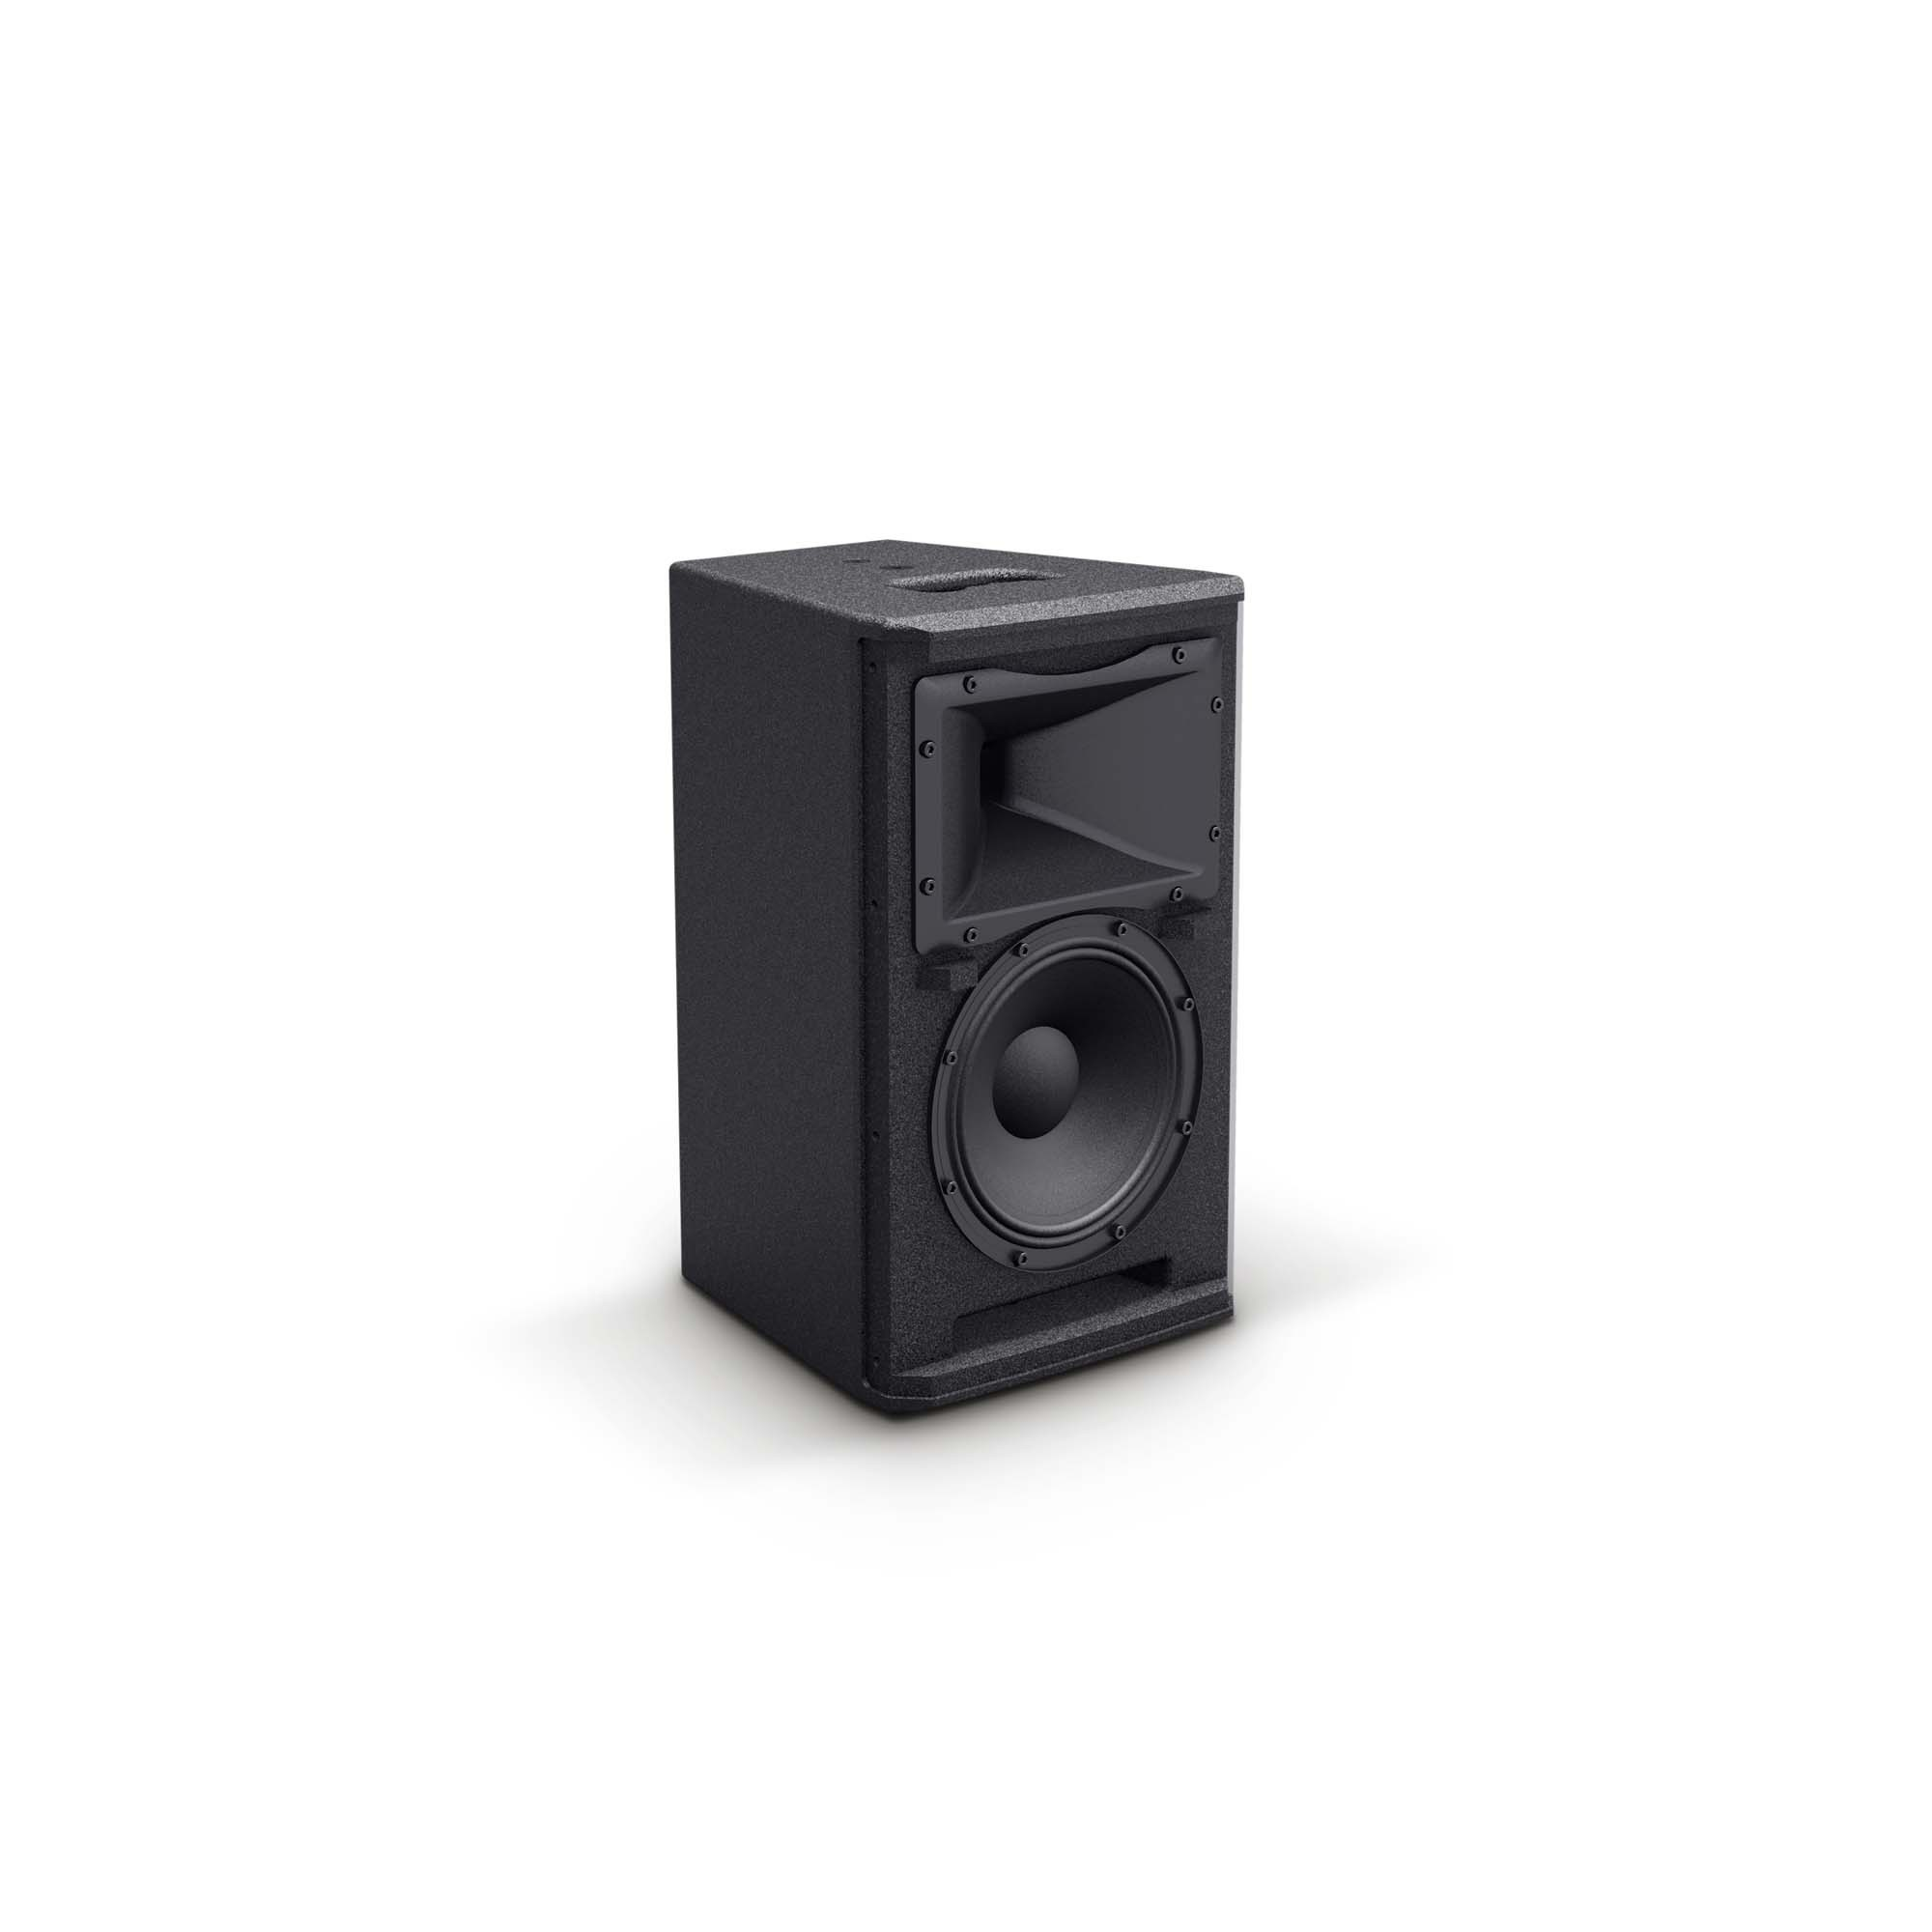 STINGER 8 A G3 Enceinte de sonorisation active 2 voies bass reflex, boomer 8 pouces